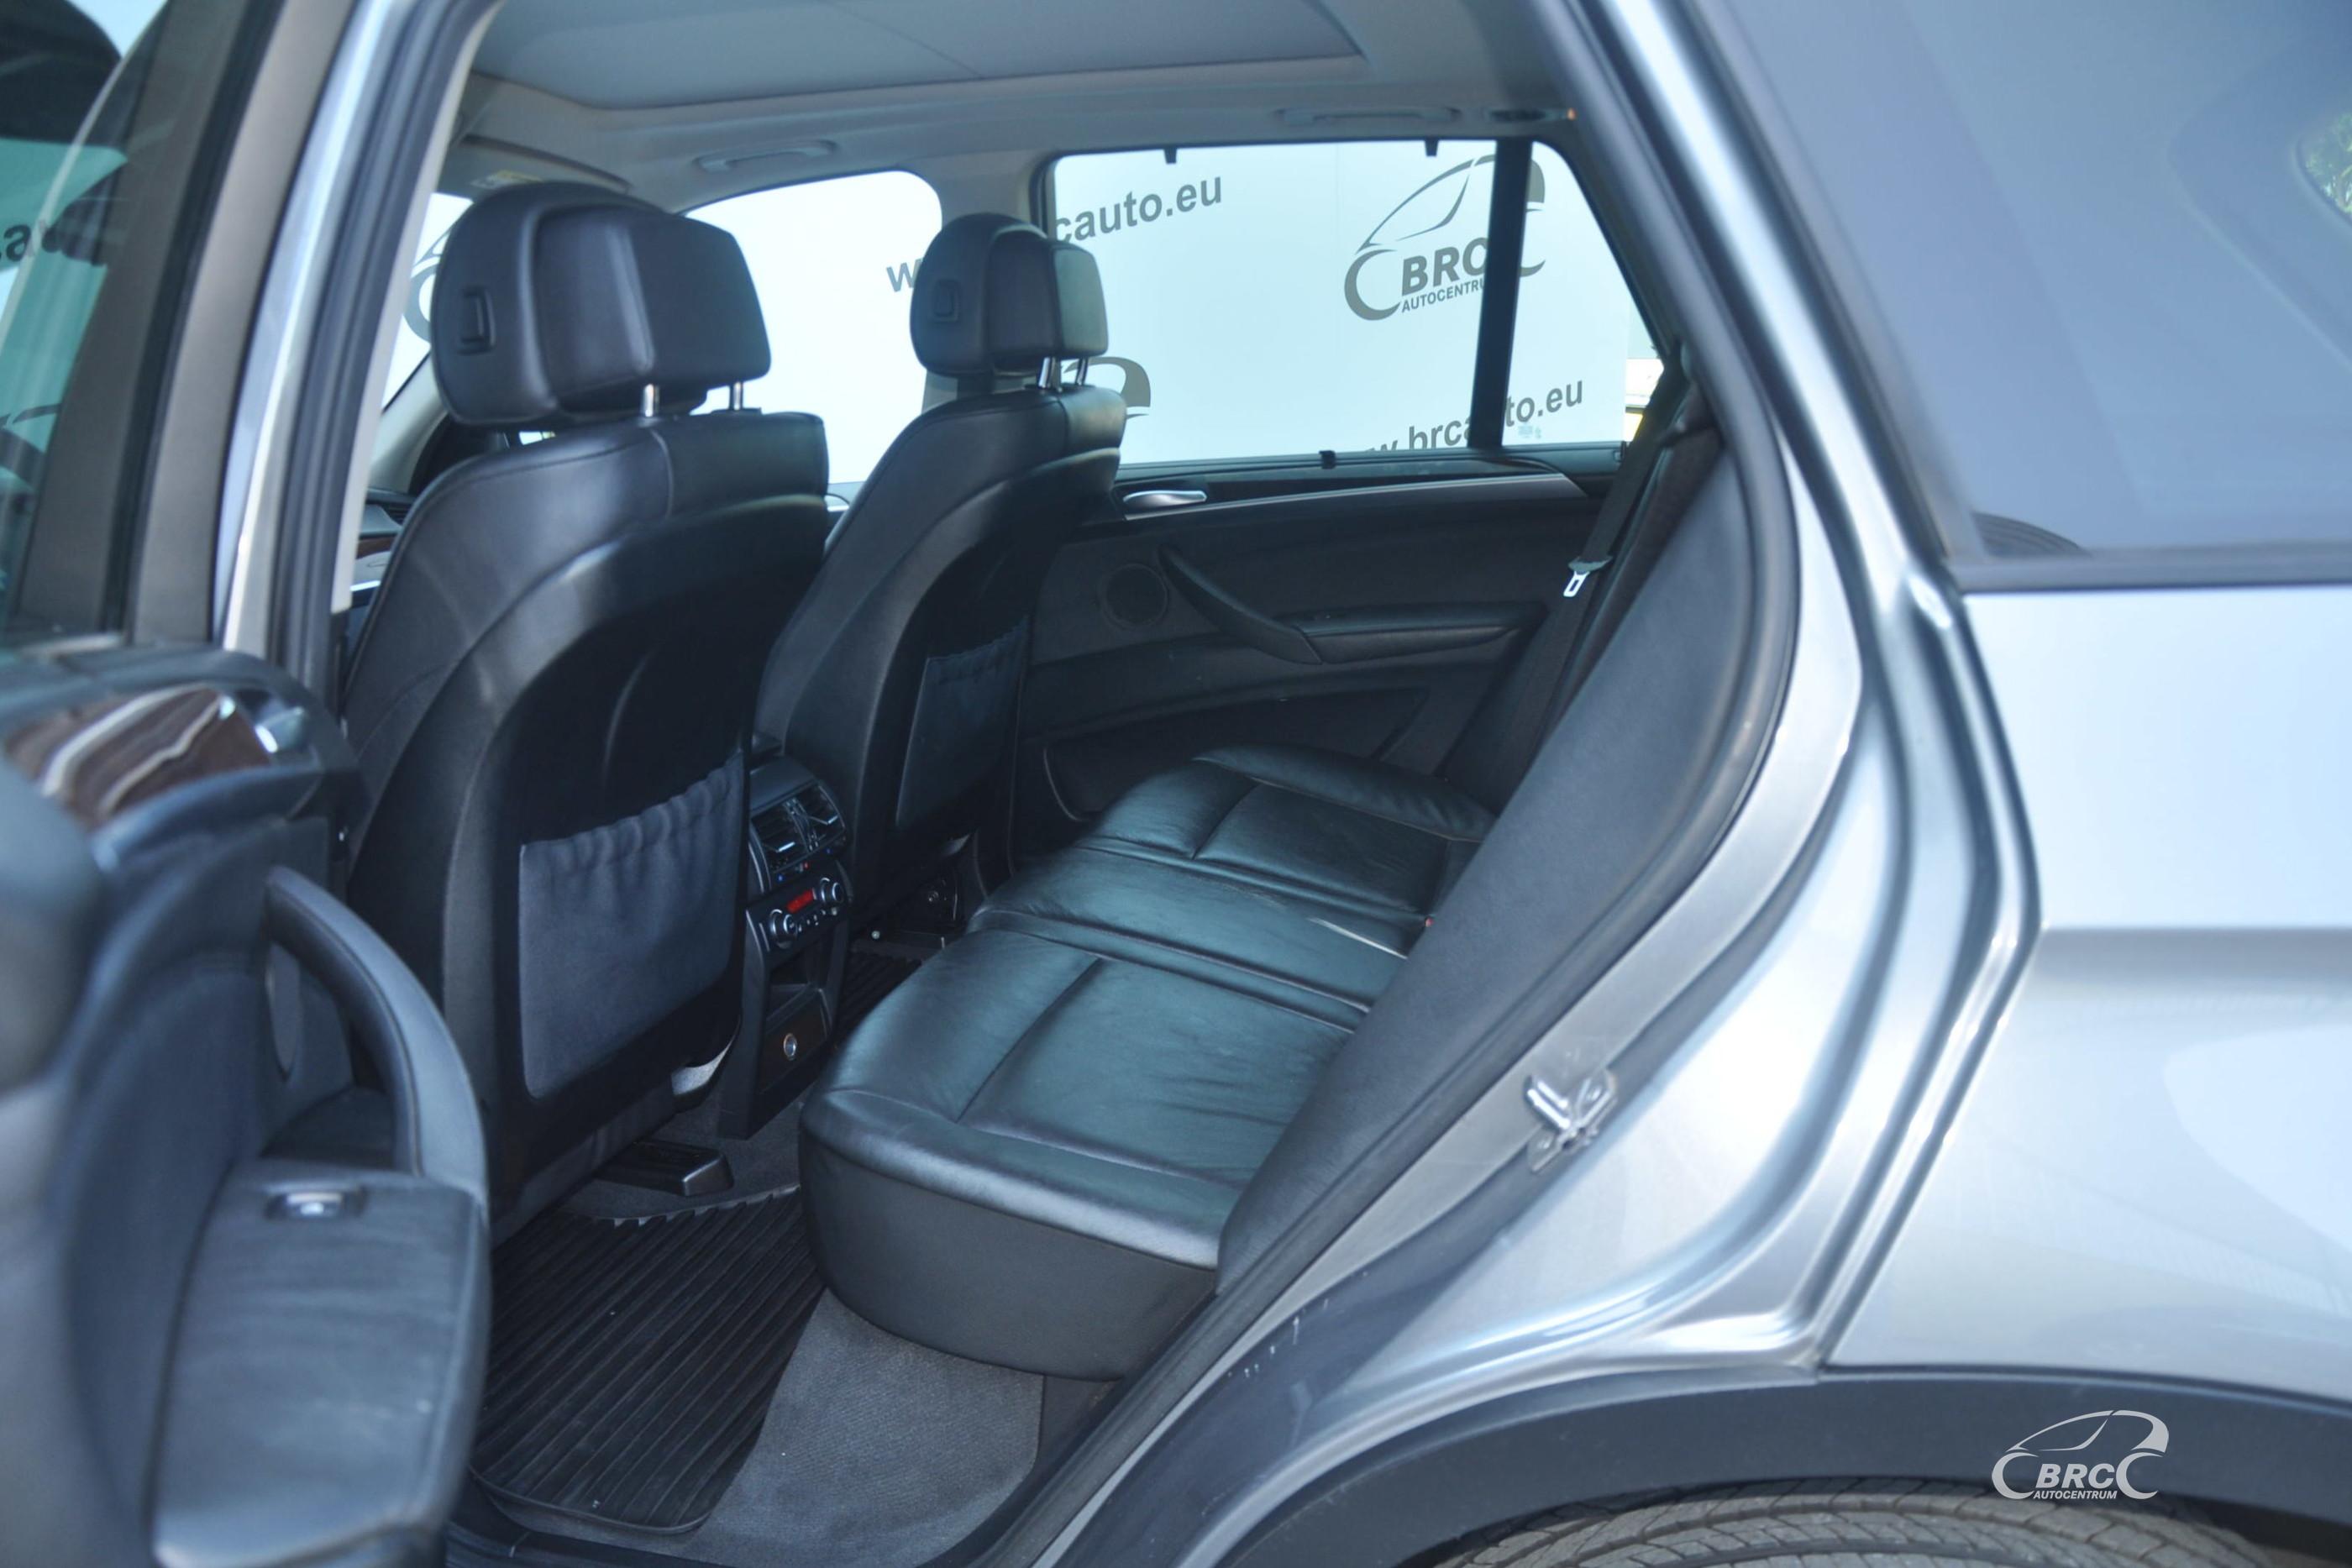 BMW X5 3.0i xDrive LPG Automatas